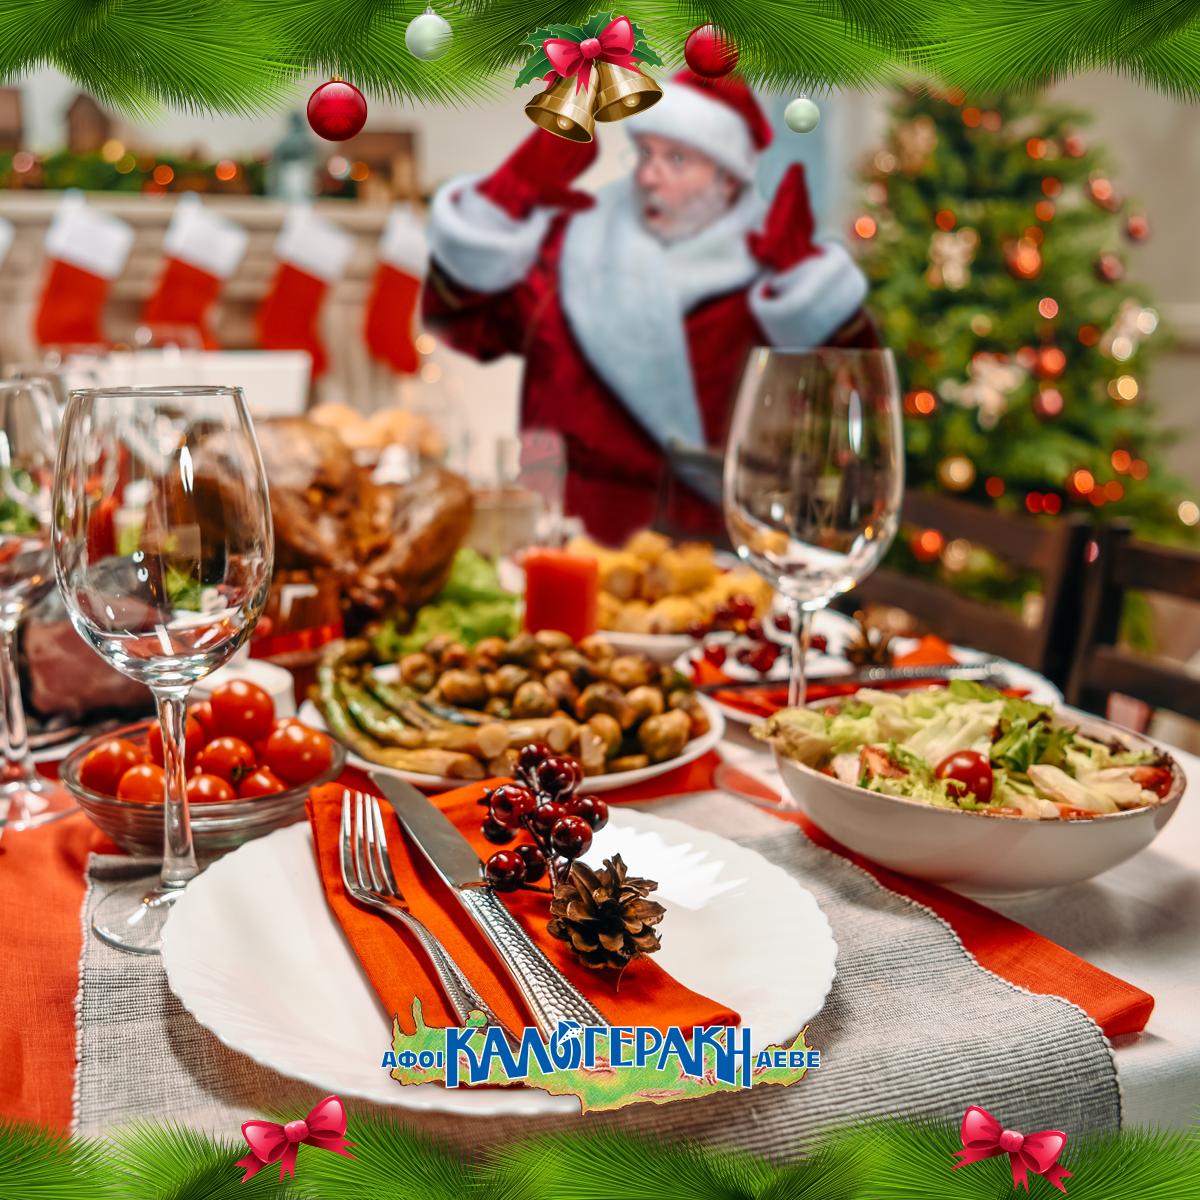 Διατροφικά tips για τα γεύματα των Χριστουγέννων